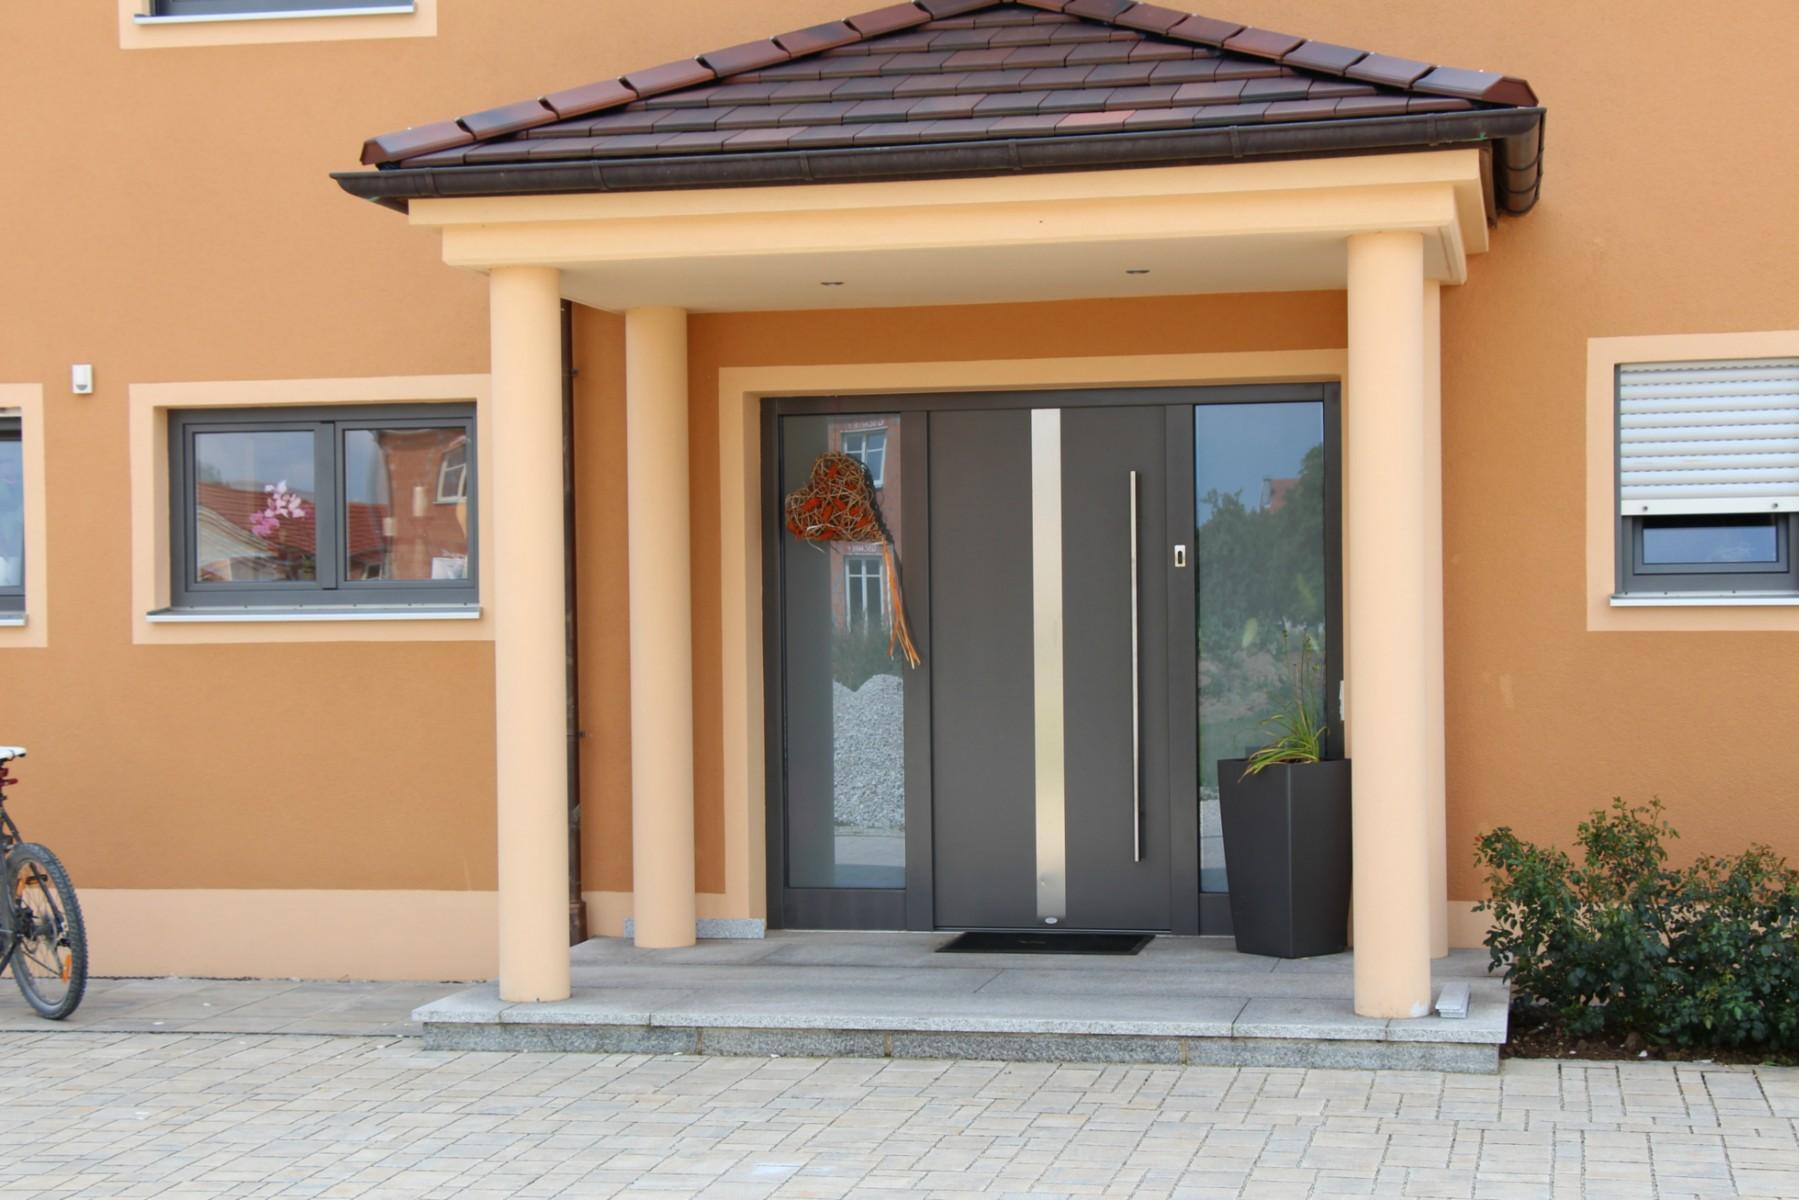 Haustüren mit seitenteil holz  Aktuelles aus dem Türenwerk Westner - Türen Westner in Denkendorf